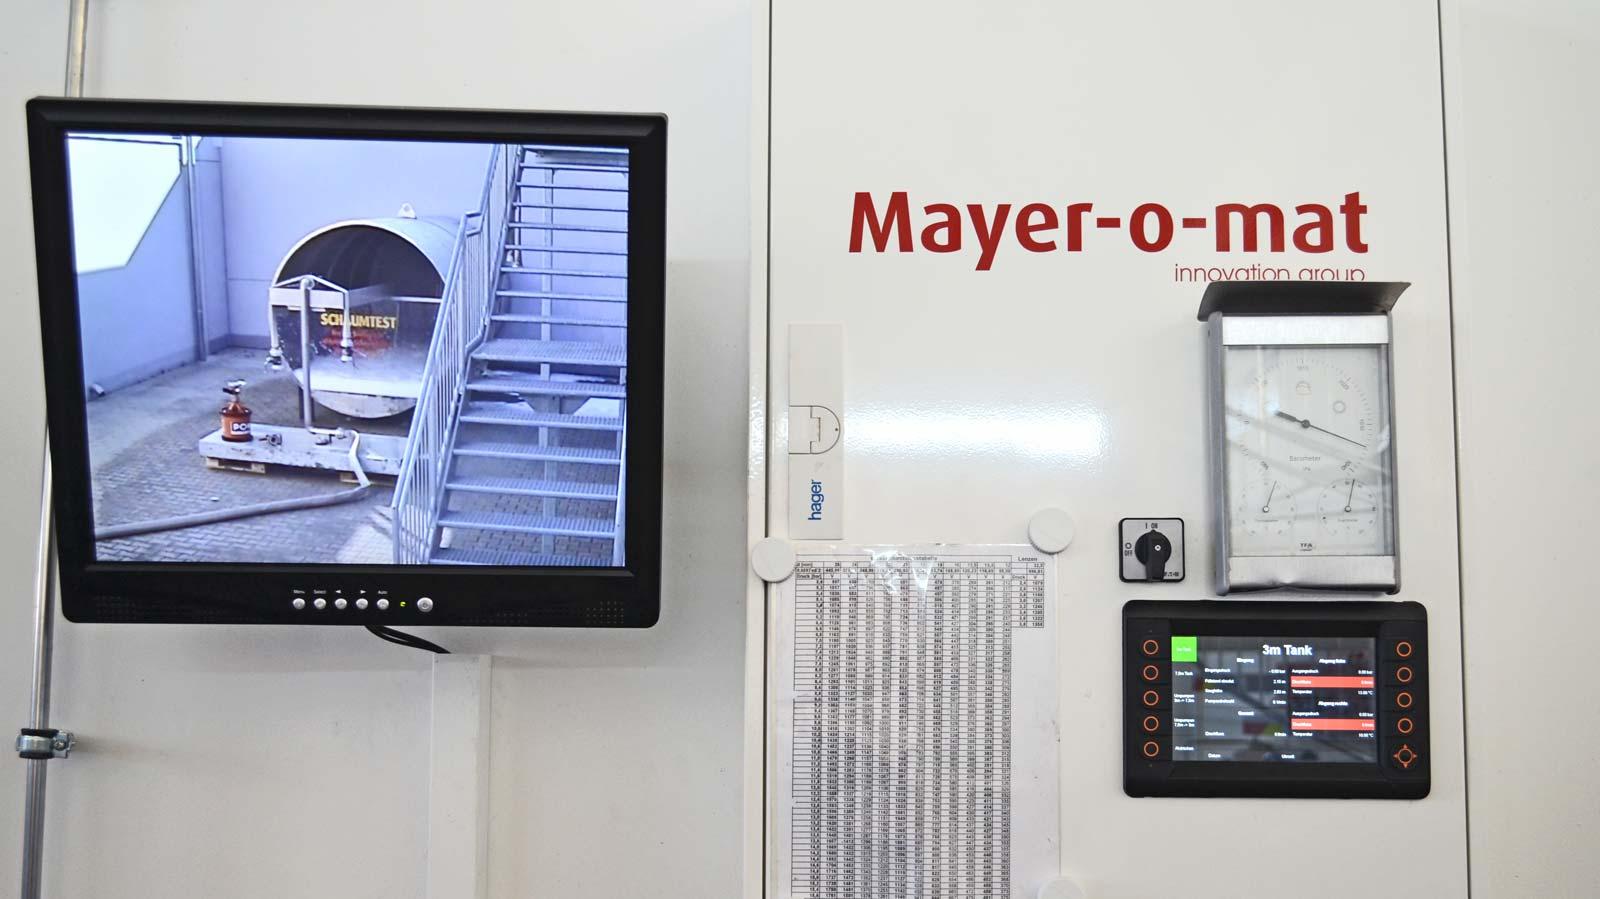 Monitor-und-Display-von-Pumpenpruefstand-und-Schaumtestanlage.jpg